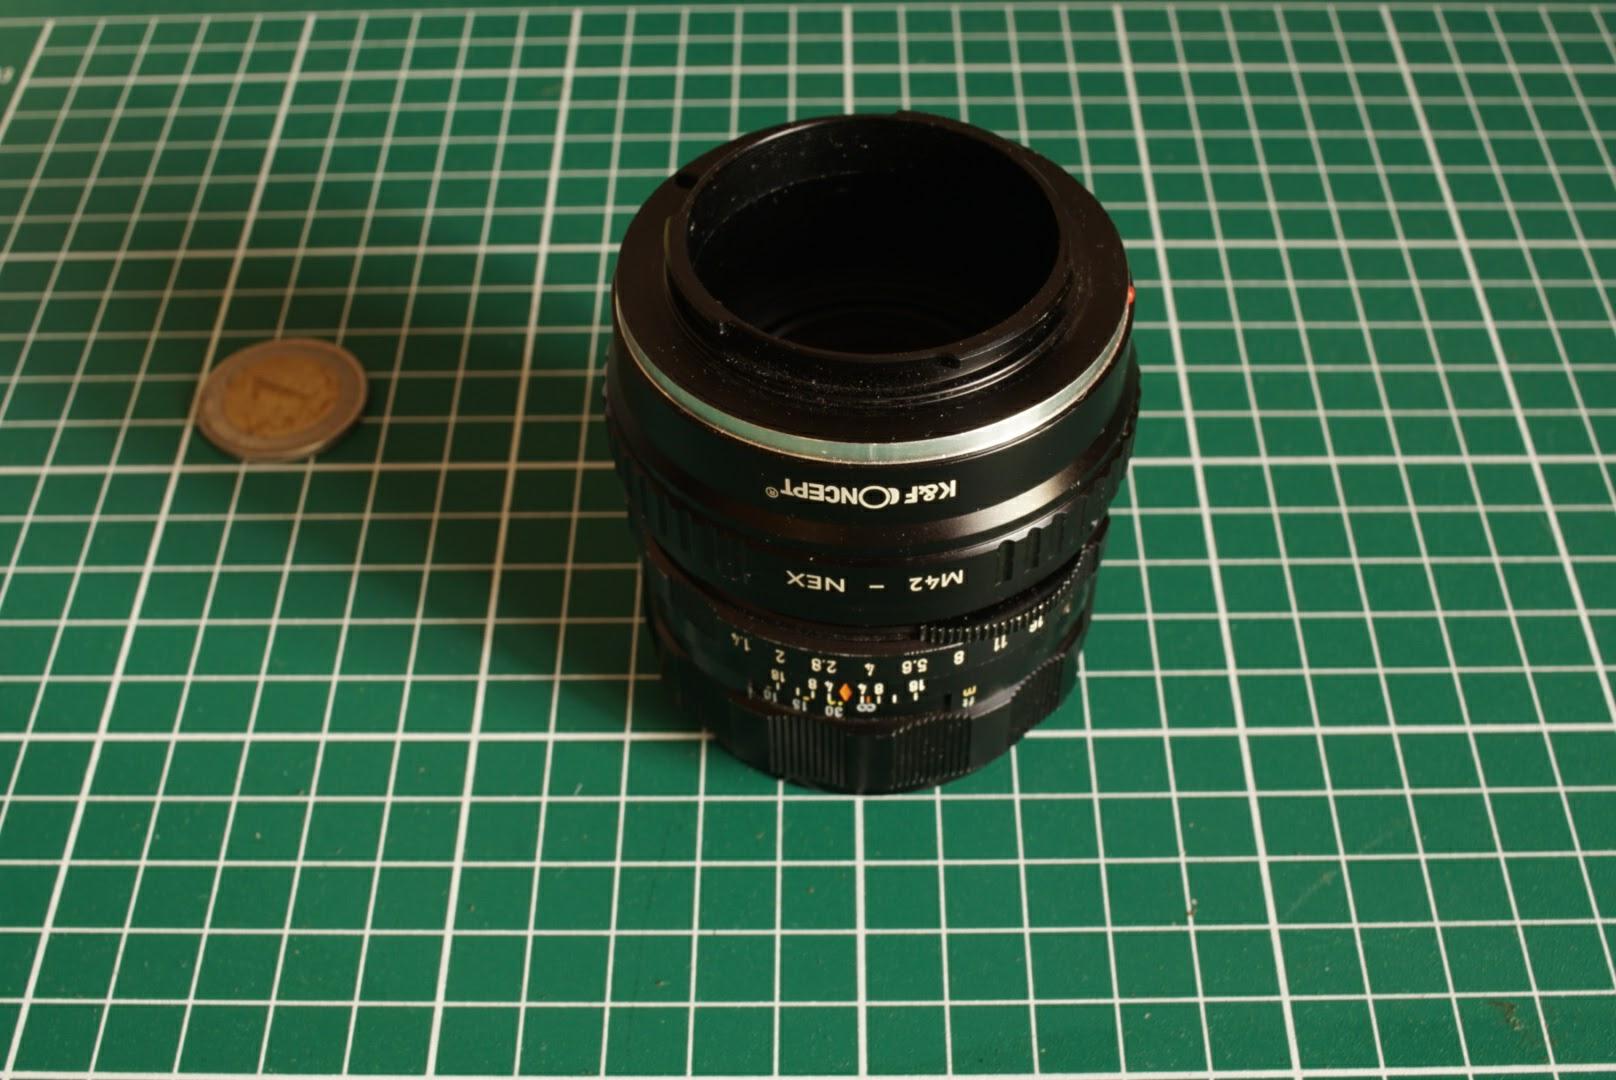 Objectif m42 super Takumar avec bague pour monture à baïonette Sony E